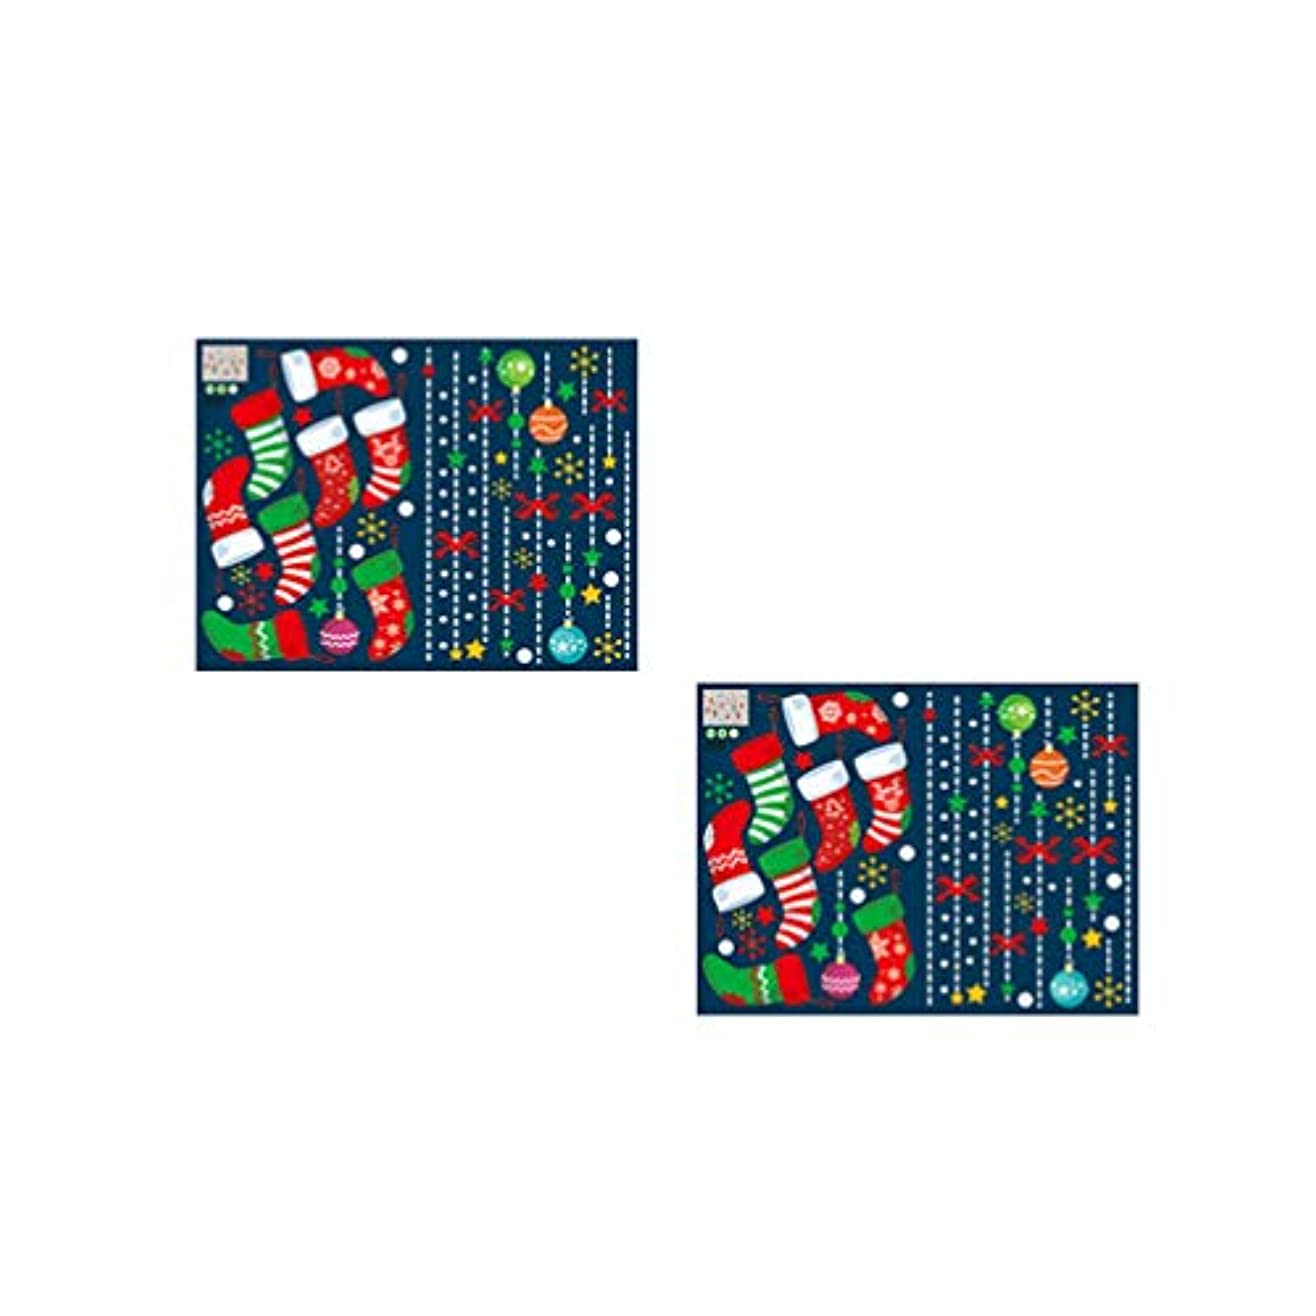 偽装する覚えているかすれたHealifty 2ピースクリスマスウィンドウステッカーストッキングパターン壁デカール自己粘着ビニールdiy用クリスマスホリデーパーティーウィンドウ装飾